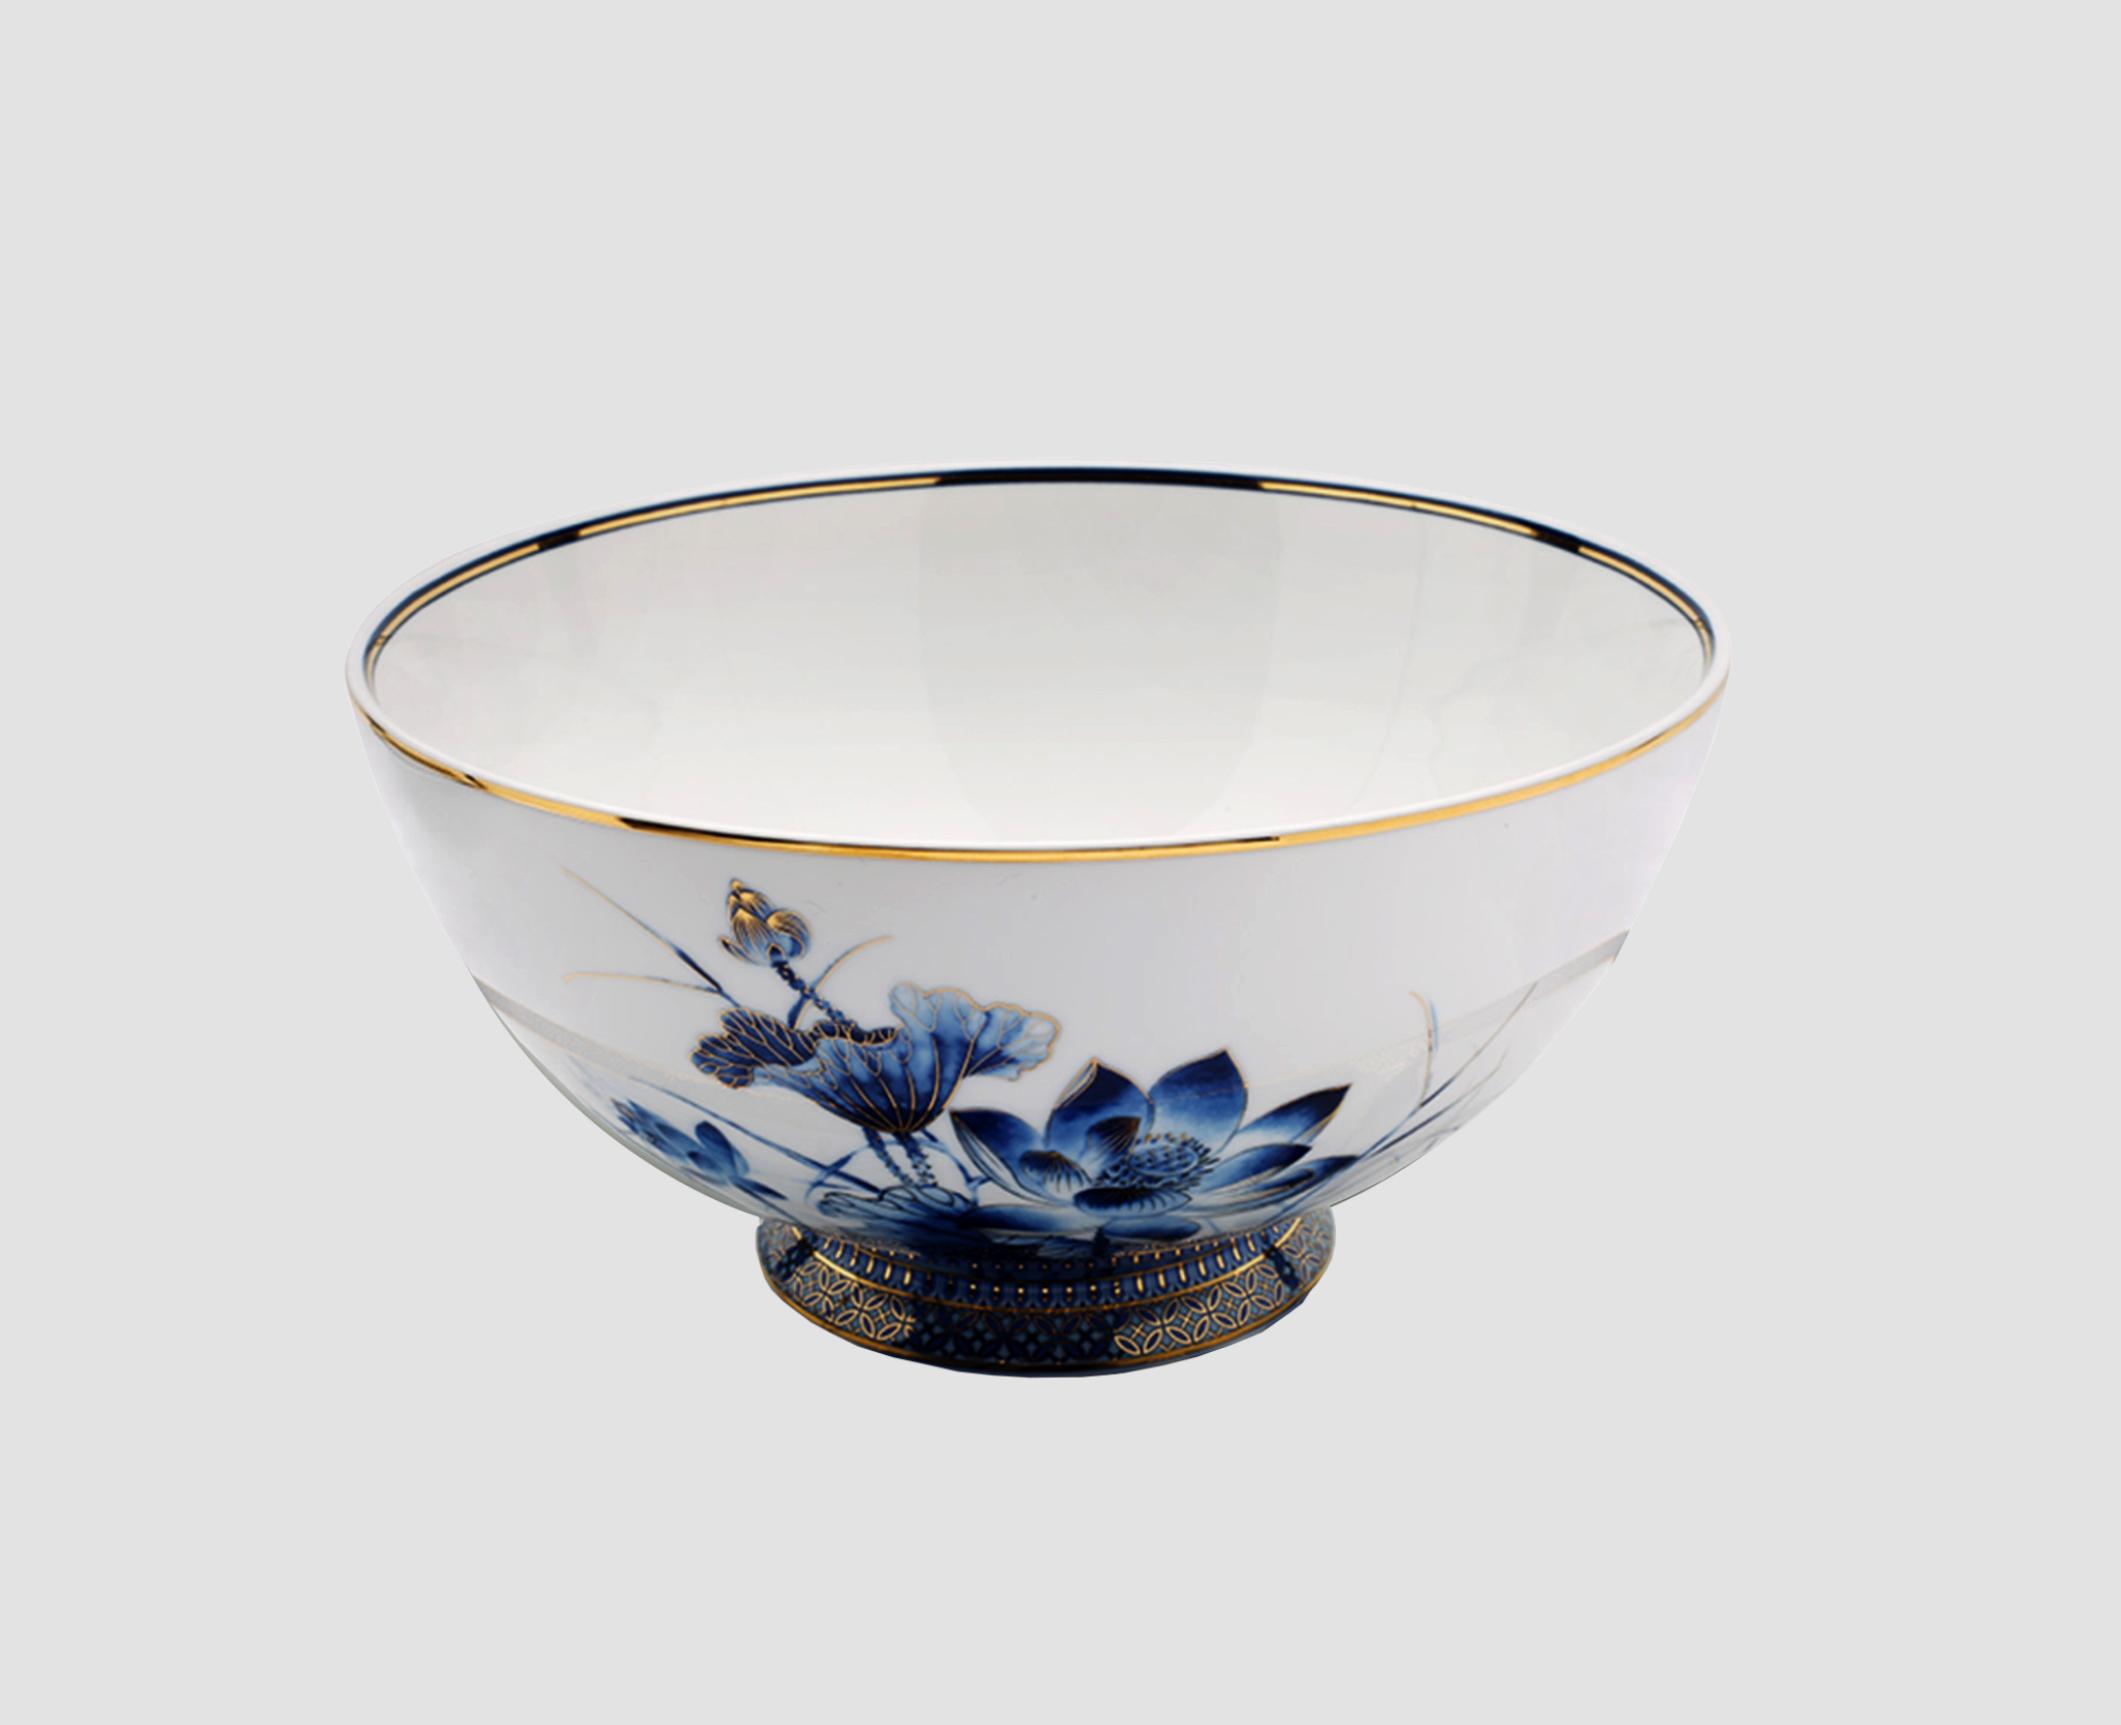 Chén Cơm 11.5cm Hoàng cung Sen Vàng 031122345 Minh Long